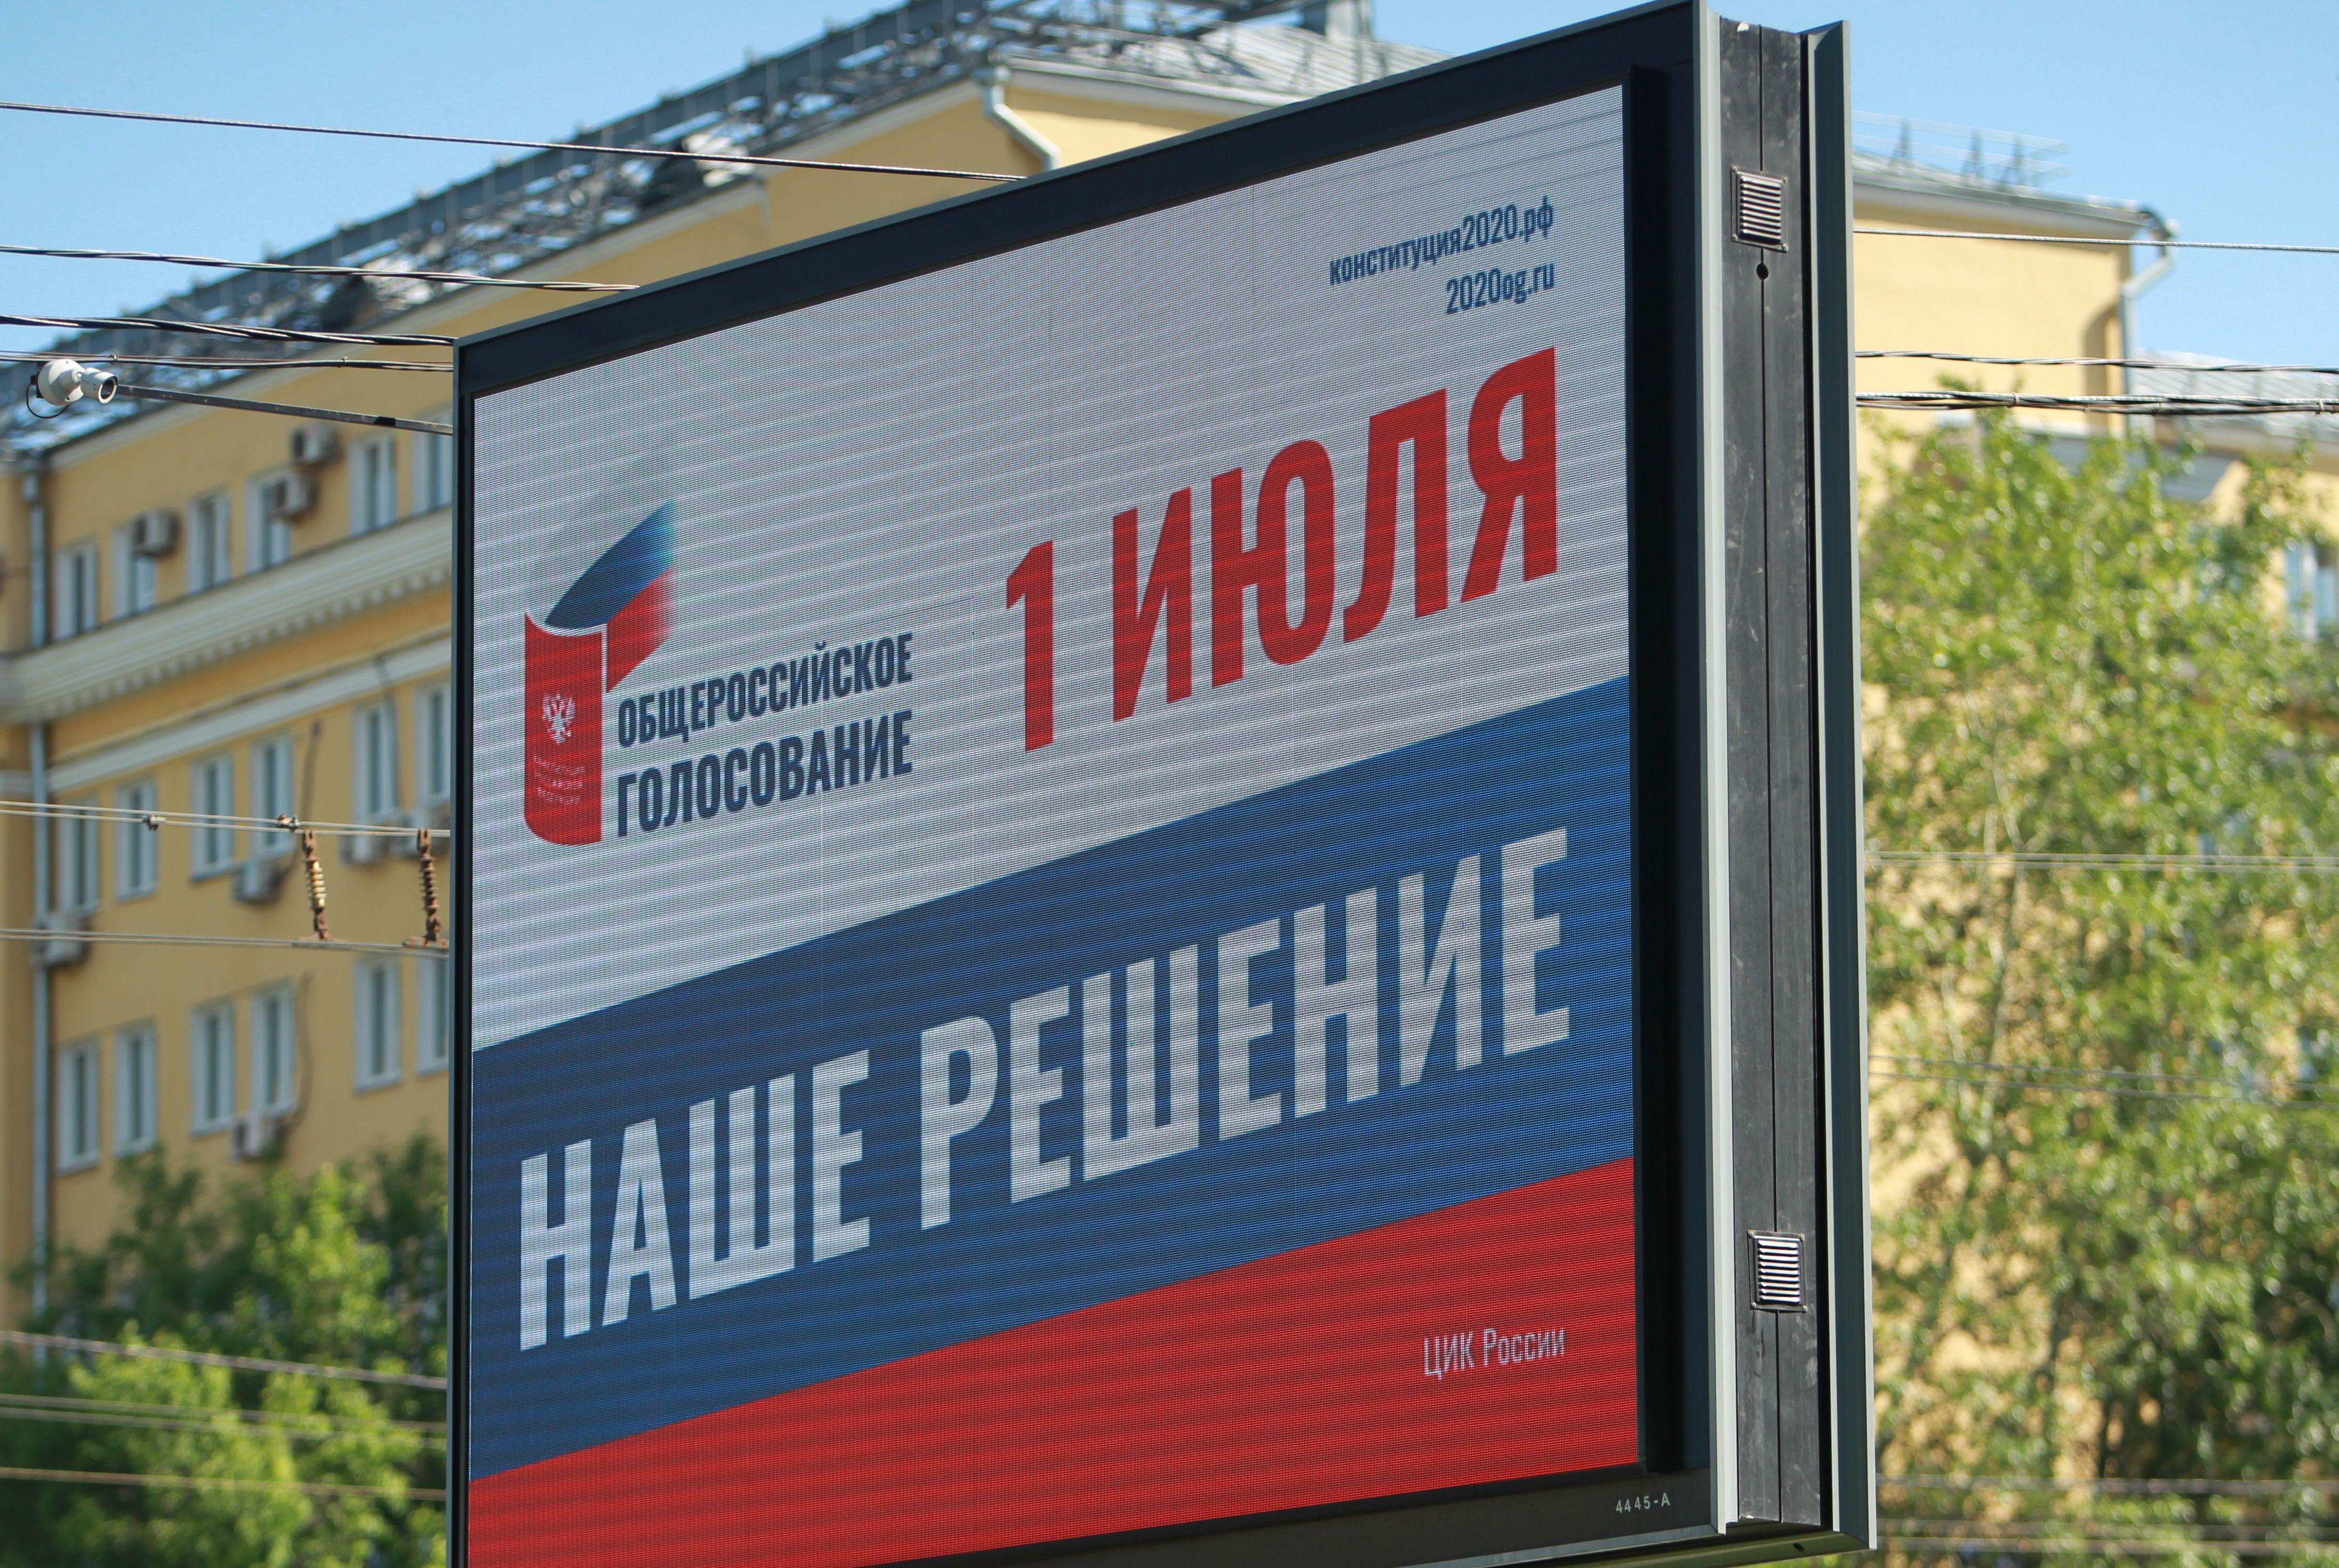 Политолог Павел Данилин отметил высокую степень контроля за чистотой голосования в Москве. Фото: архив